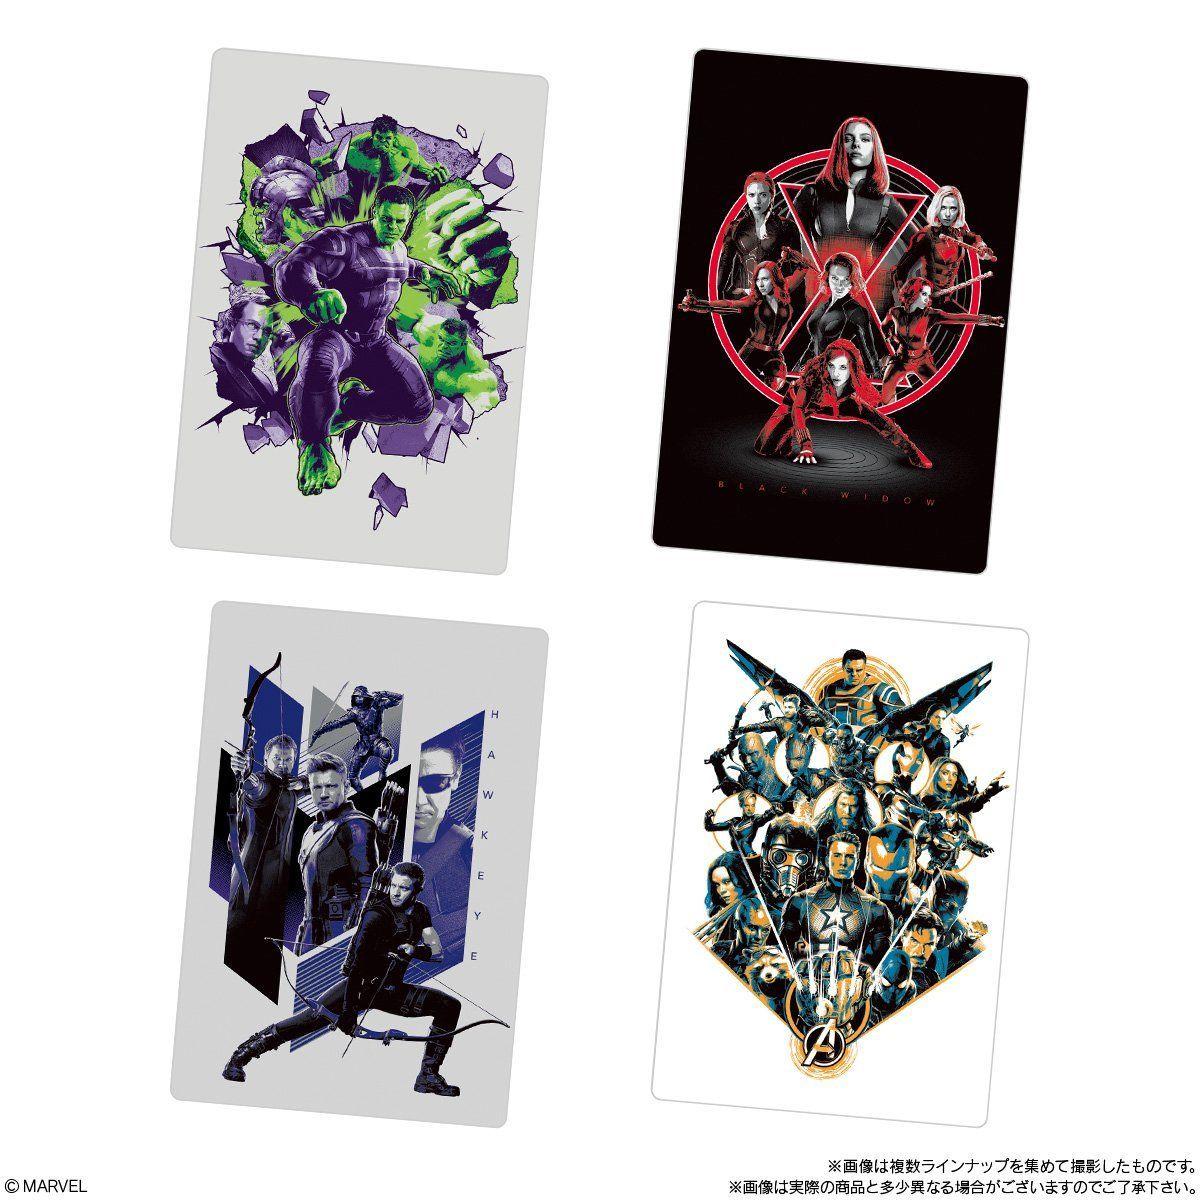 【食玩】マーベル・シネマティック・ユニバース『MARVEL Infinity SAGA / ウエハース』20個入りBOX-007